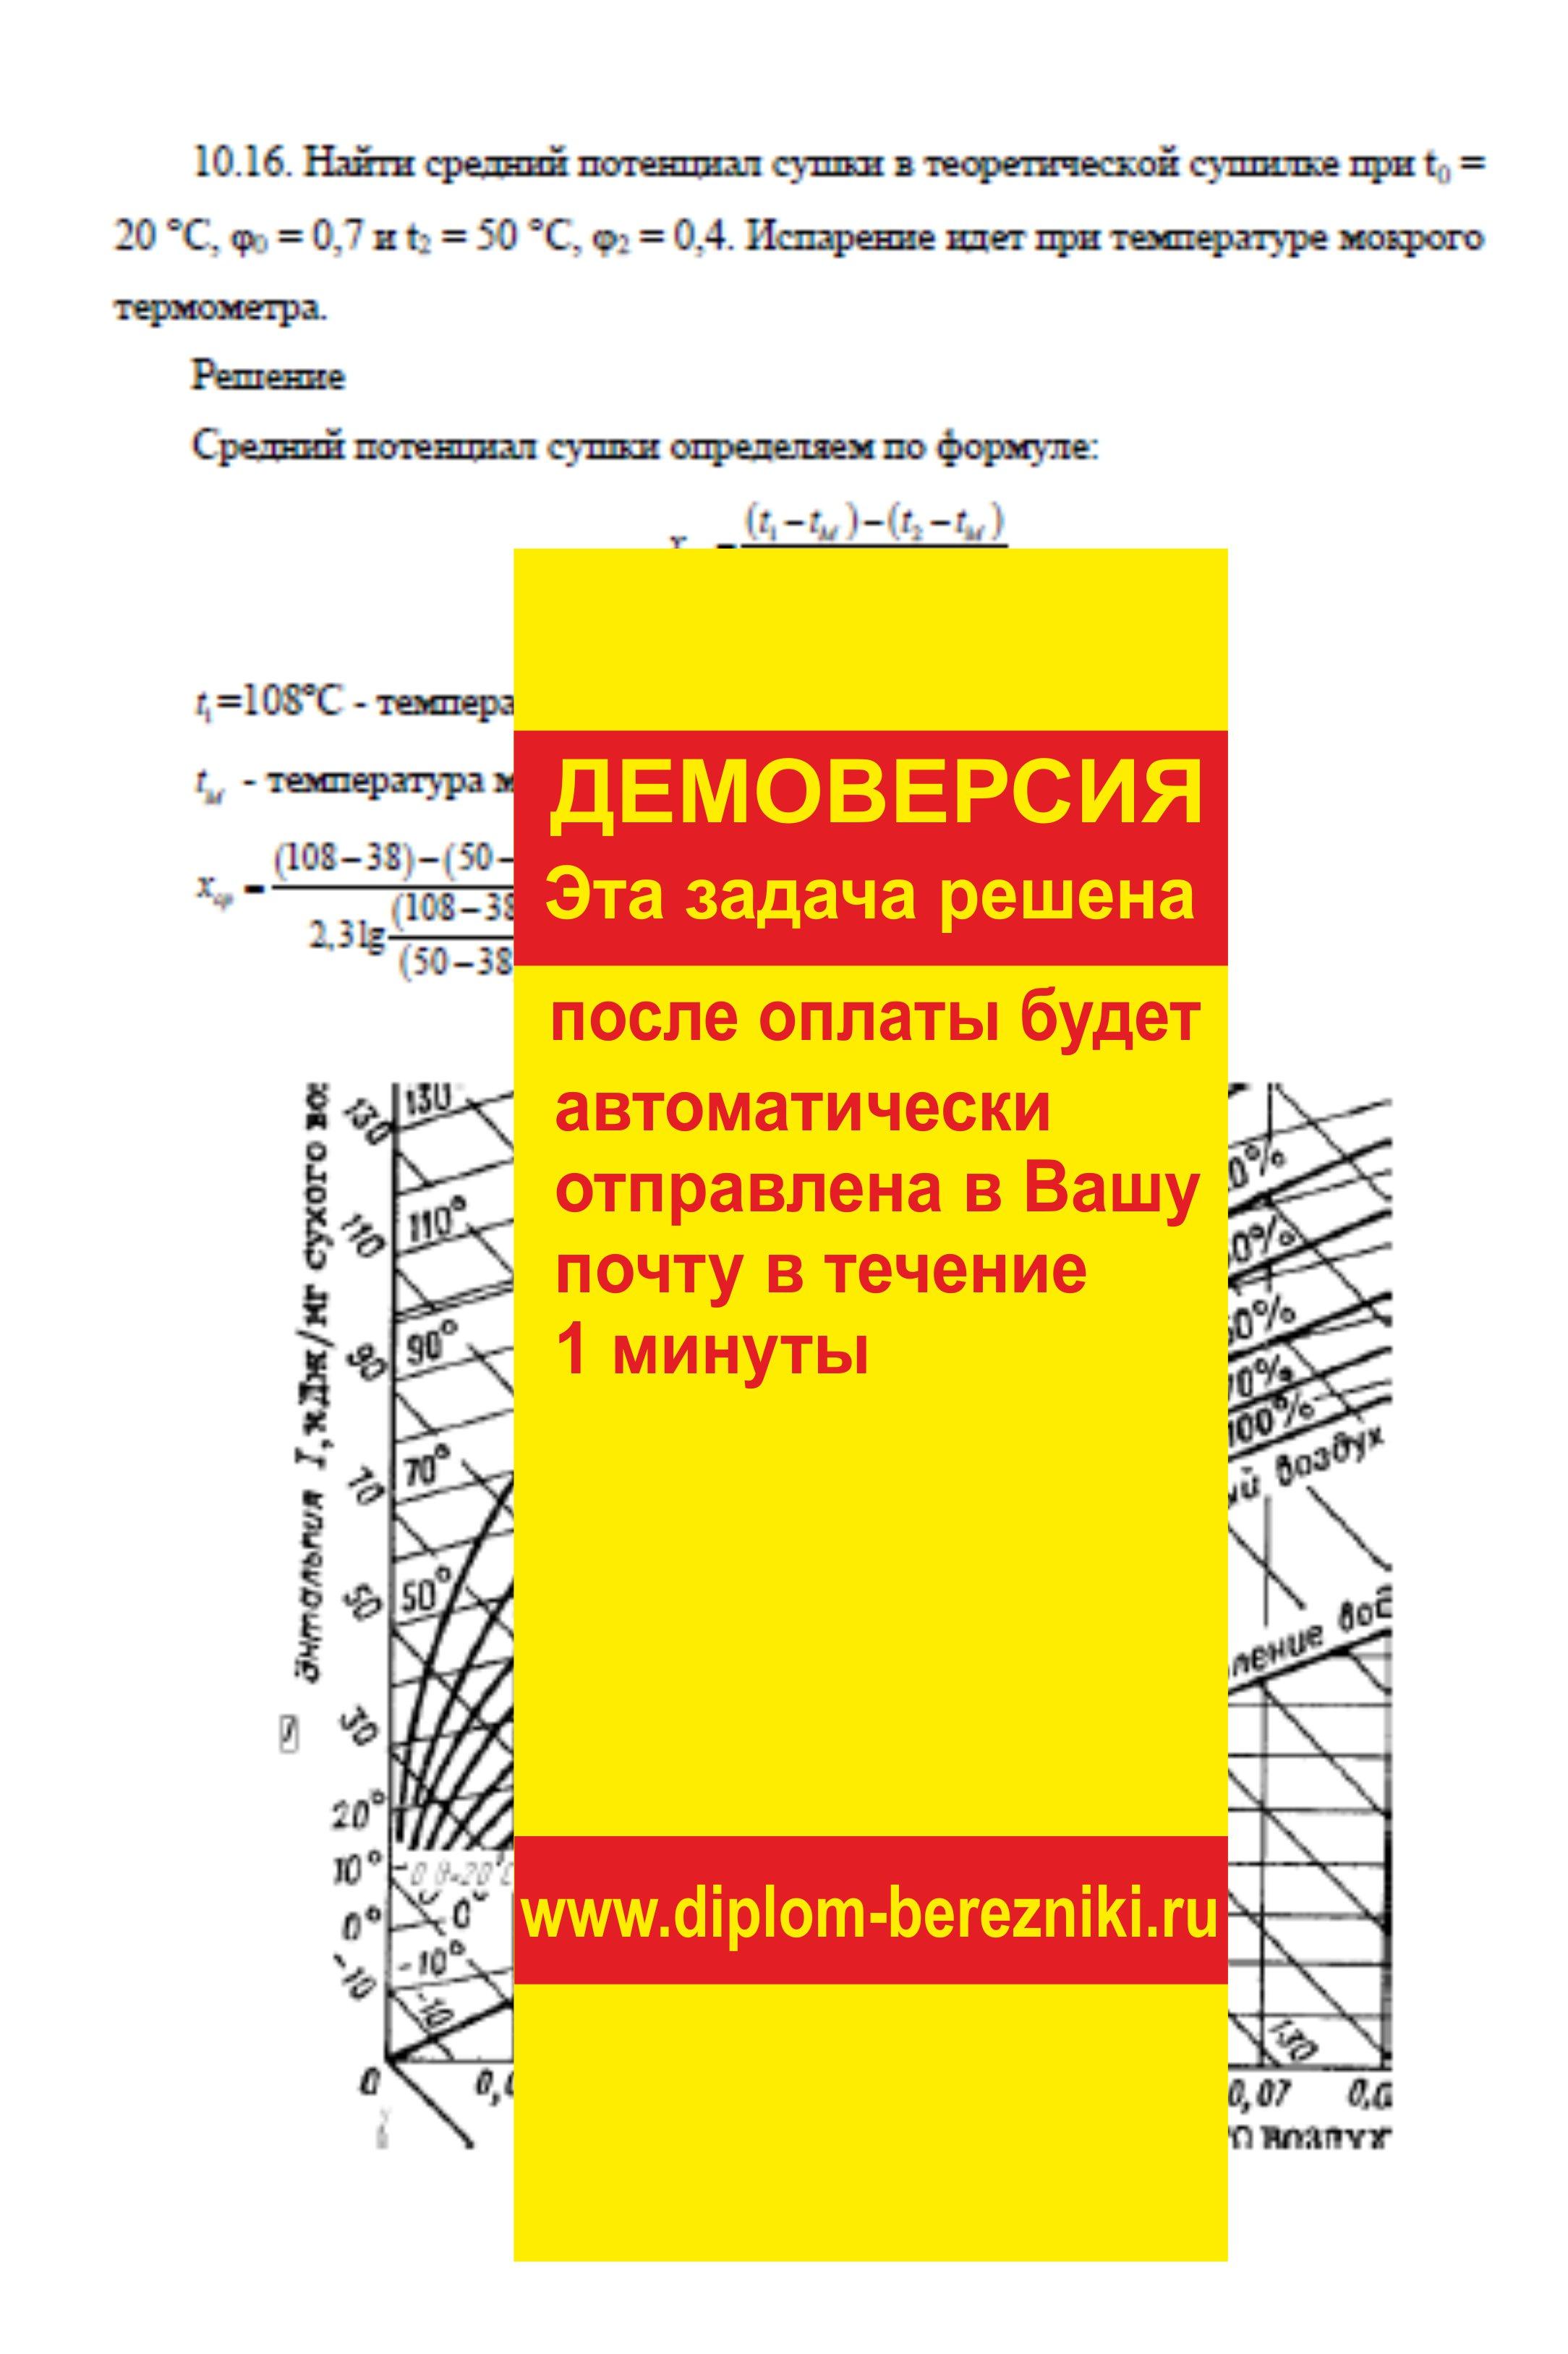 Решение задачи 10.16 по ПАХТ из задачника Павлова Романкова Носкова